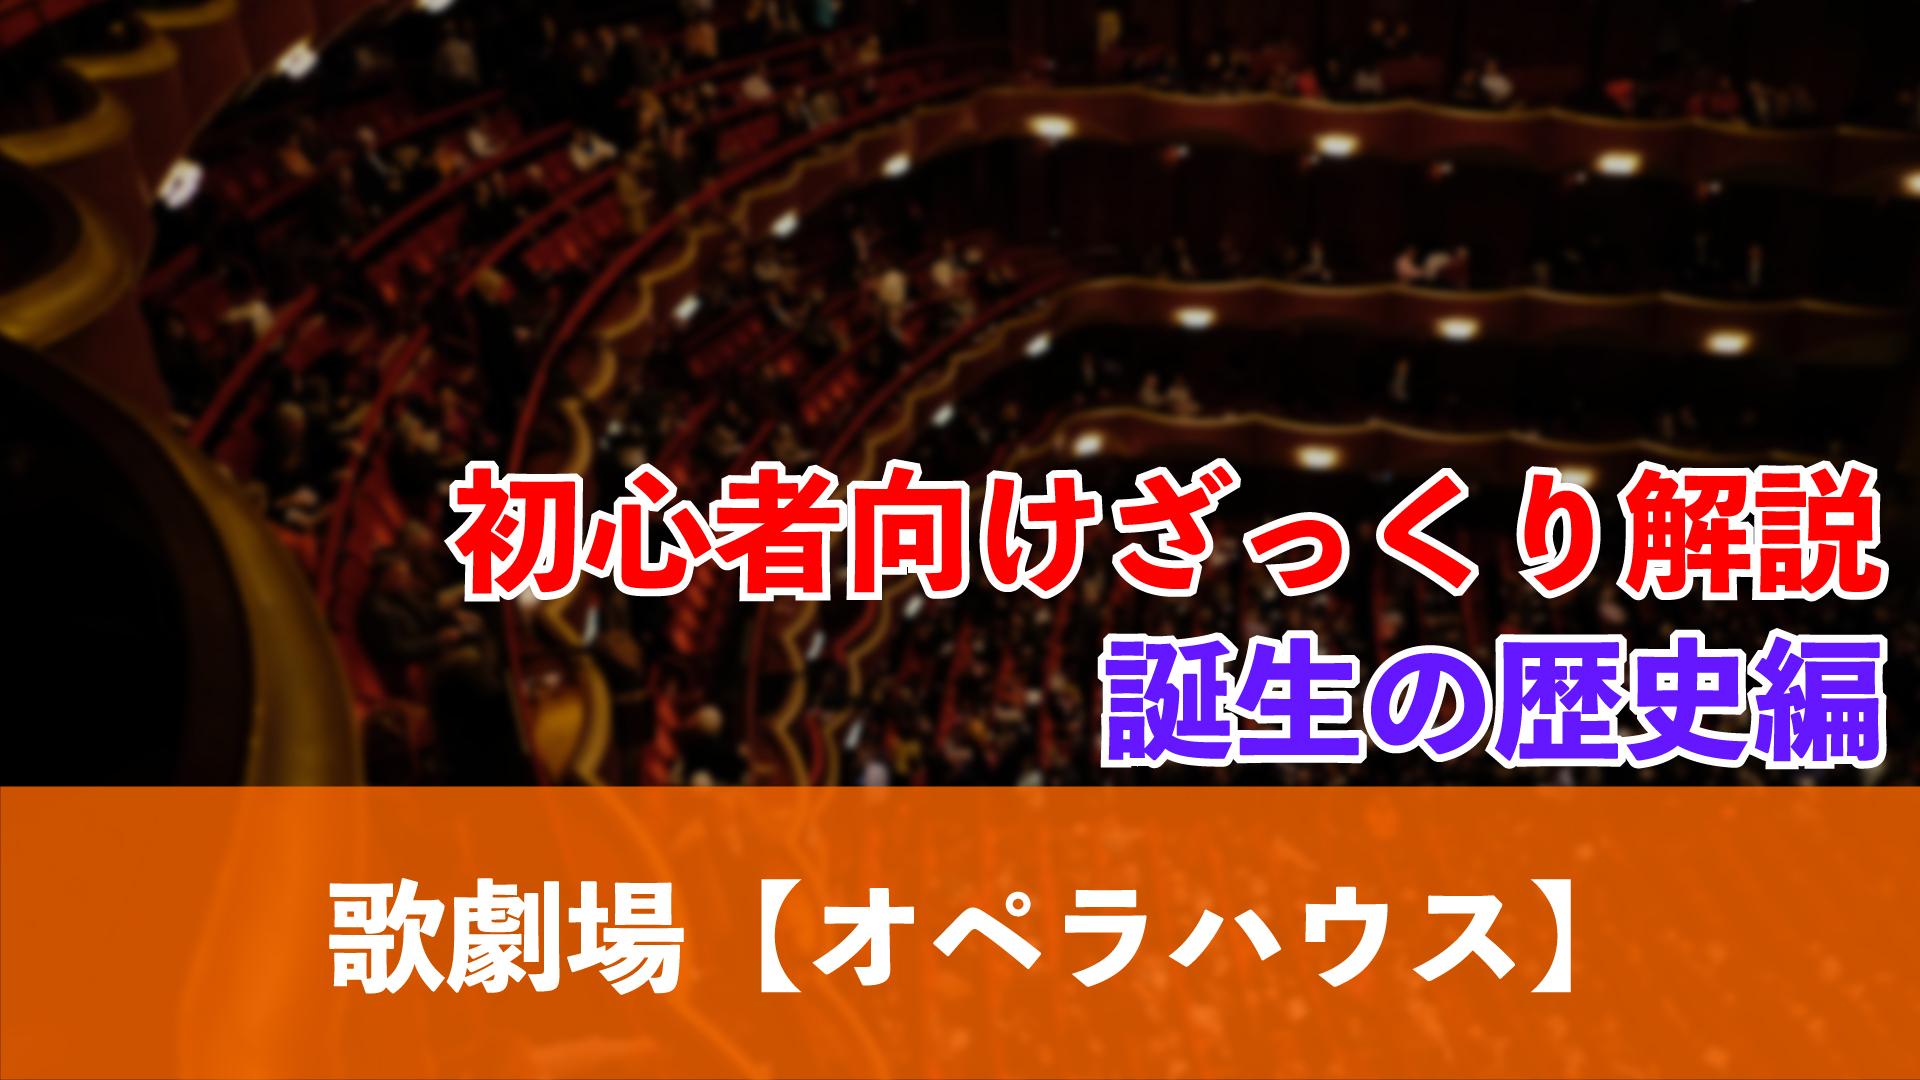 【歌劇場】オペラハウスとは【誕生の歴史編】